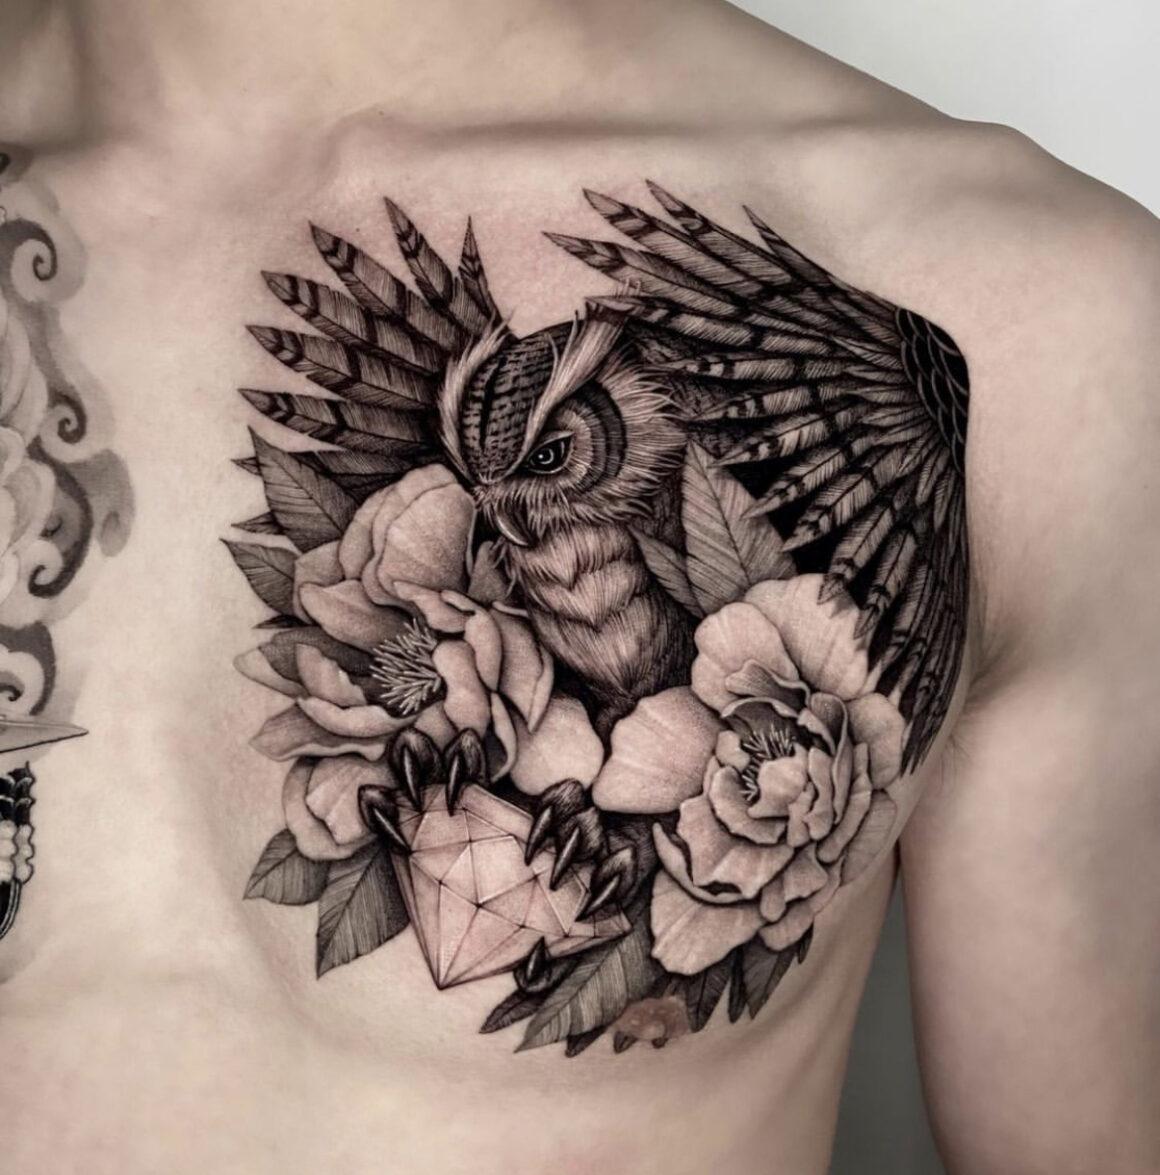 Allday Dakum, Allday Tattoo, Kyonggi-Do, South Korea